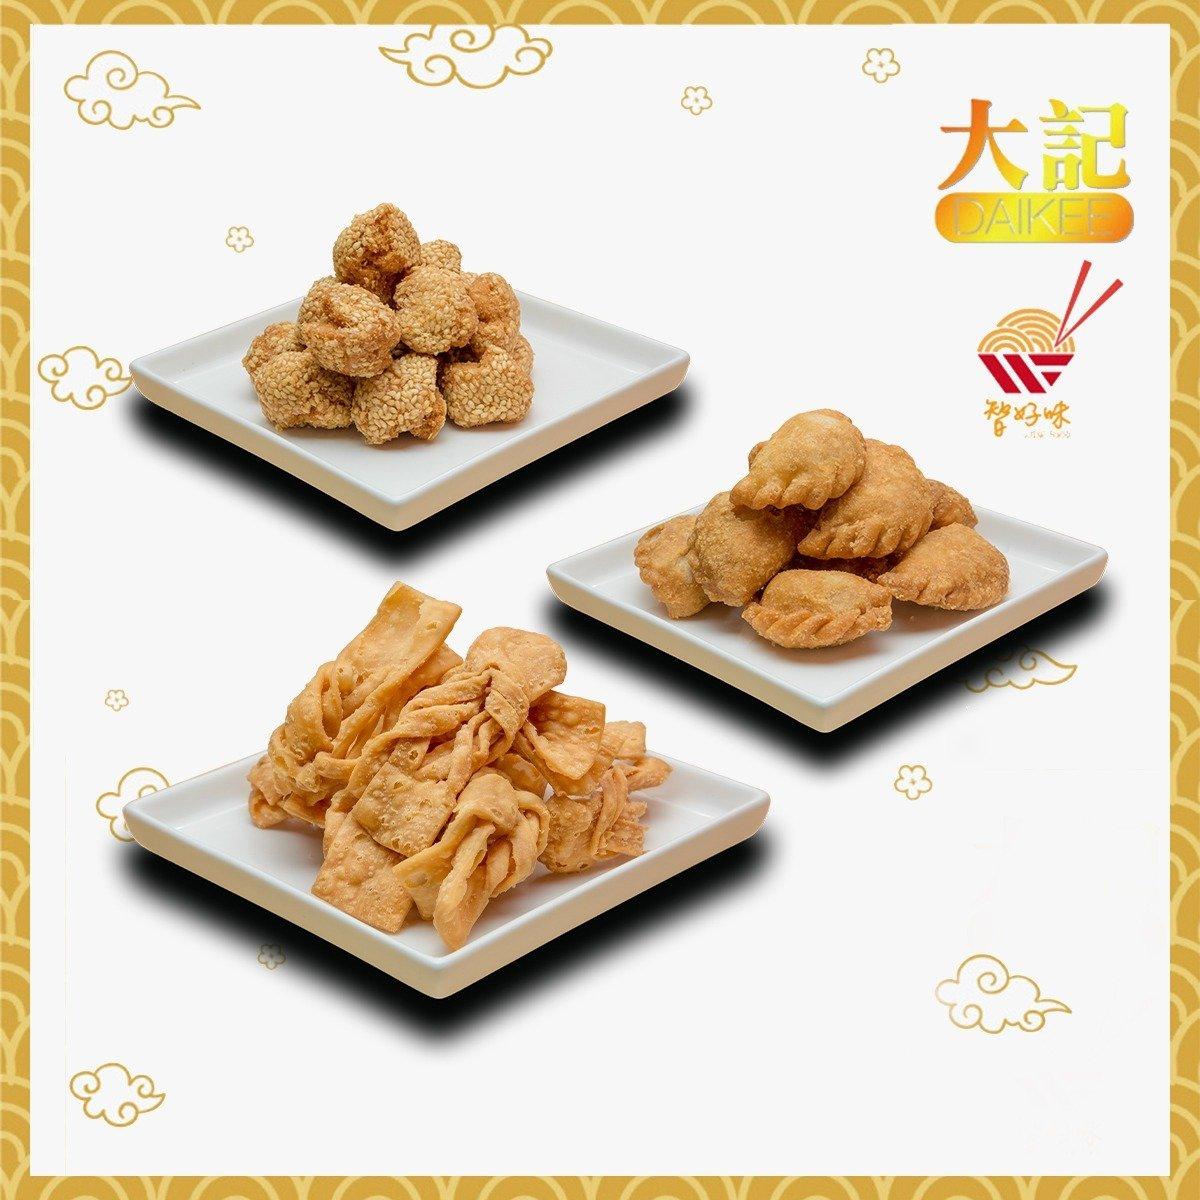 Choose 3 Items - Crispy Dumpling (16 pcs) / Sesame Doughnut (30 pcs) / Egg Fritters (16 pcs)